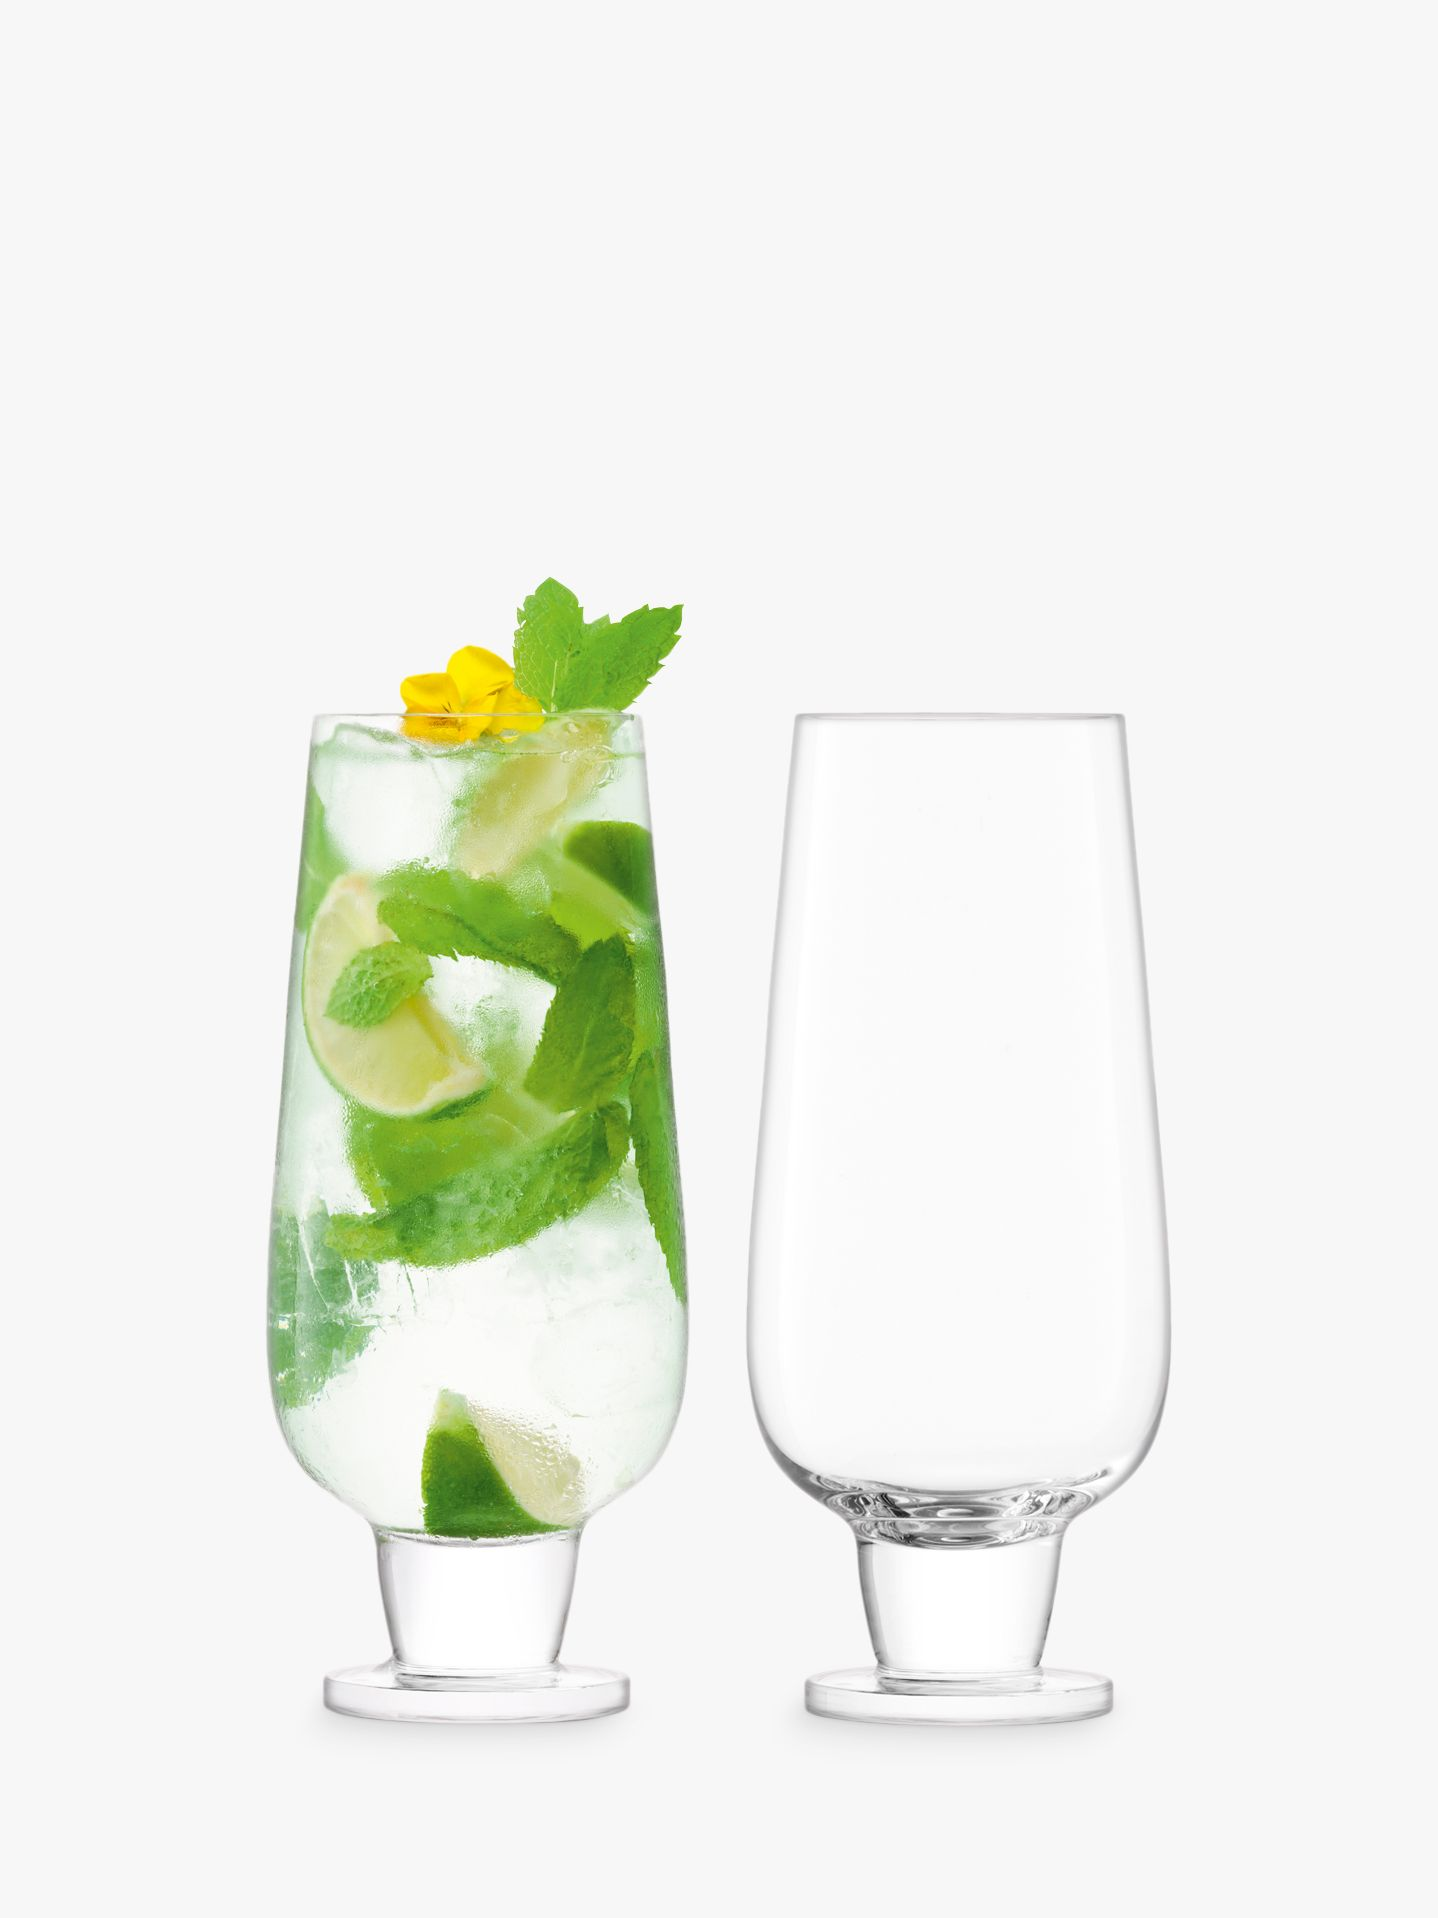 LSA International LSA International Rum Mixer Glass, 550ml, Set of 2, Clear